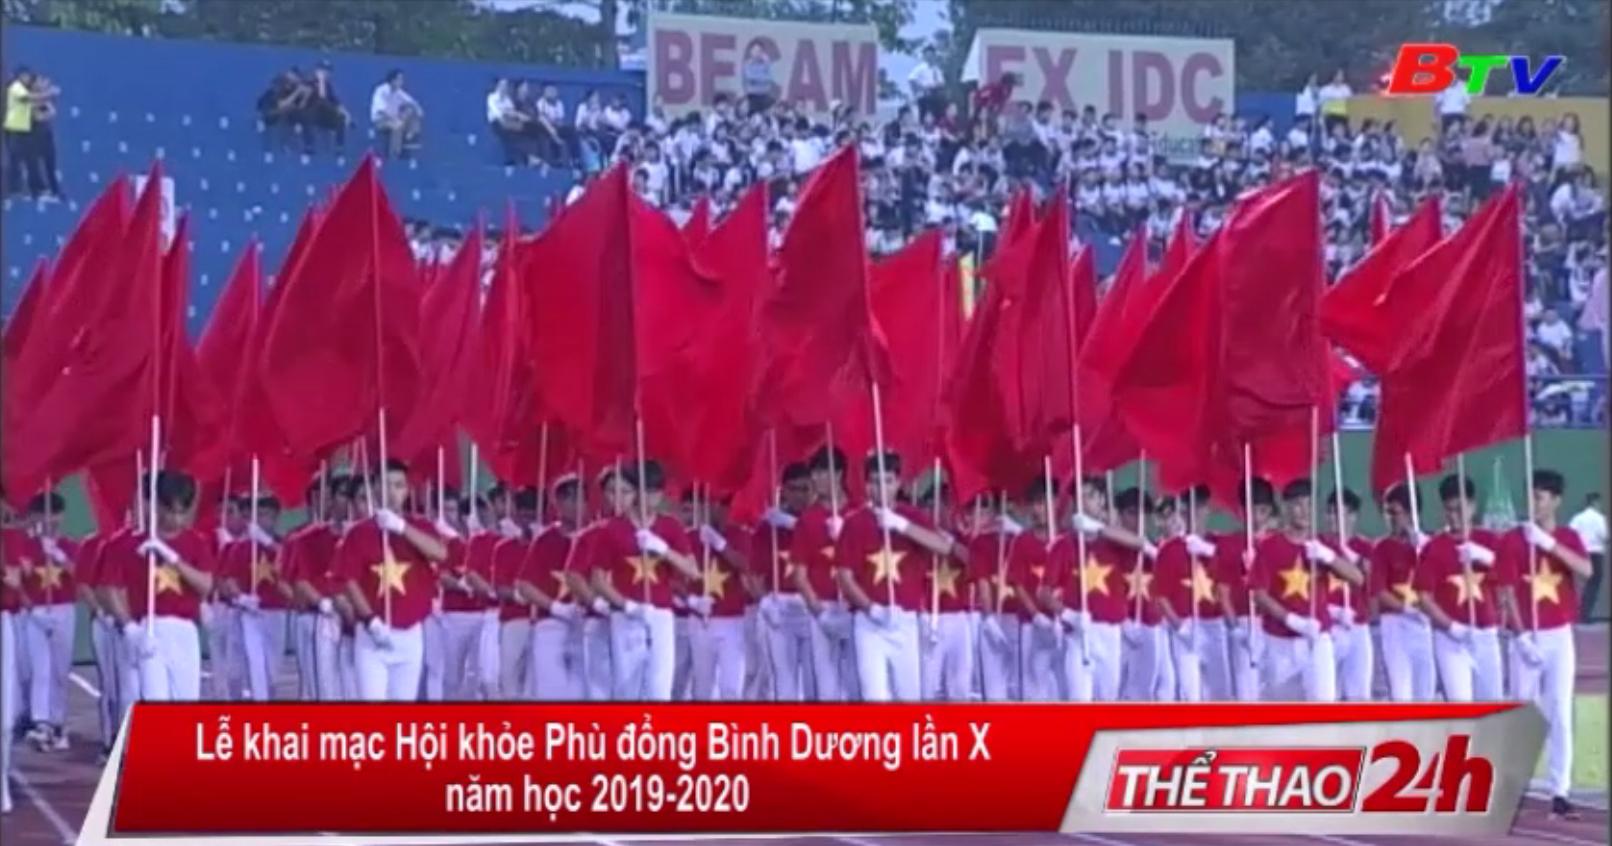 Lễ khai mạc Hội khỏe Phù Đổng tỉnh Bình Dương (HKPĐBD) lần X năm học 2019-2020